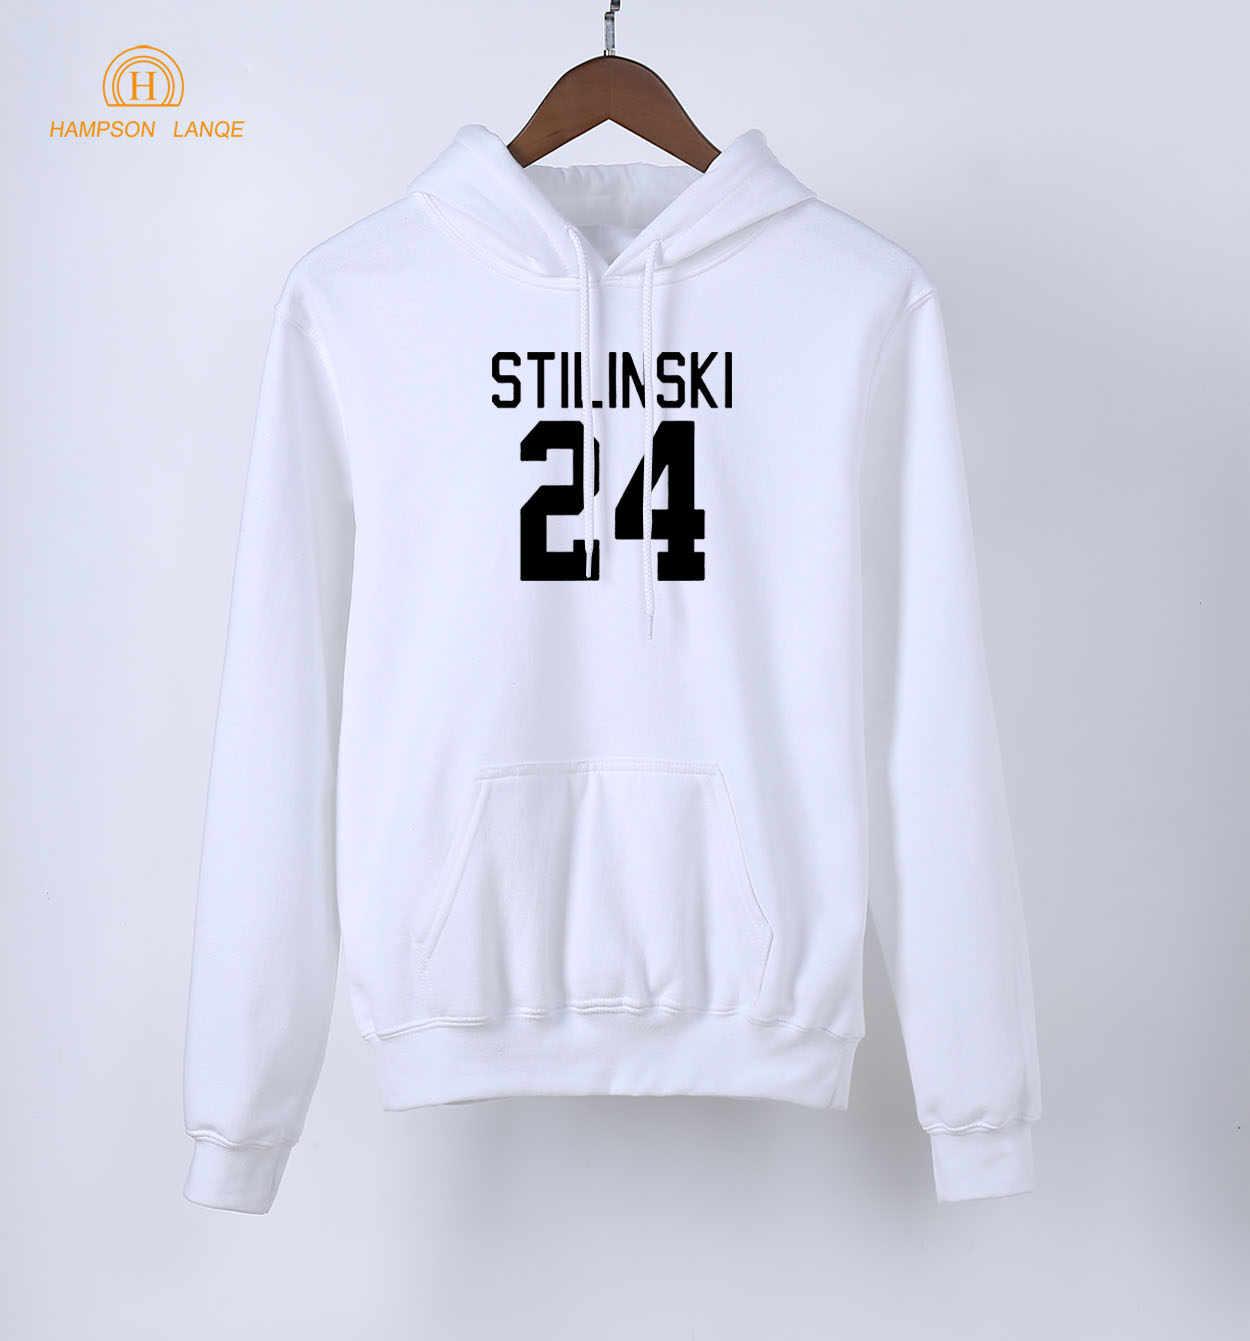 في سن المراهقة الذئب Stilinski 24 طباعة العلامة التجارية مقنعين النساء 2020 ربيع الخريف طويلة الأكمام بلوزات Kpop هوديس البلوفرات